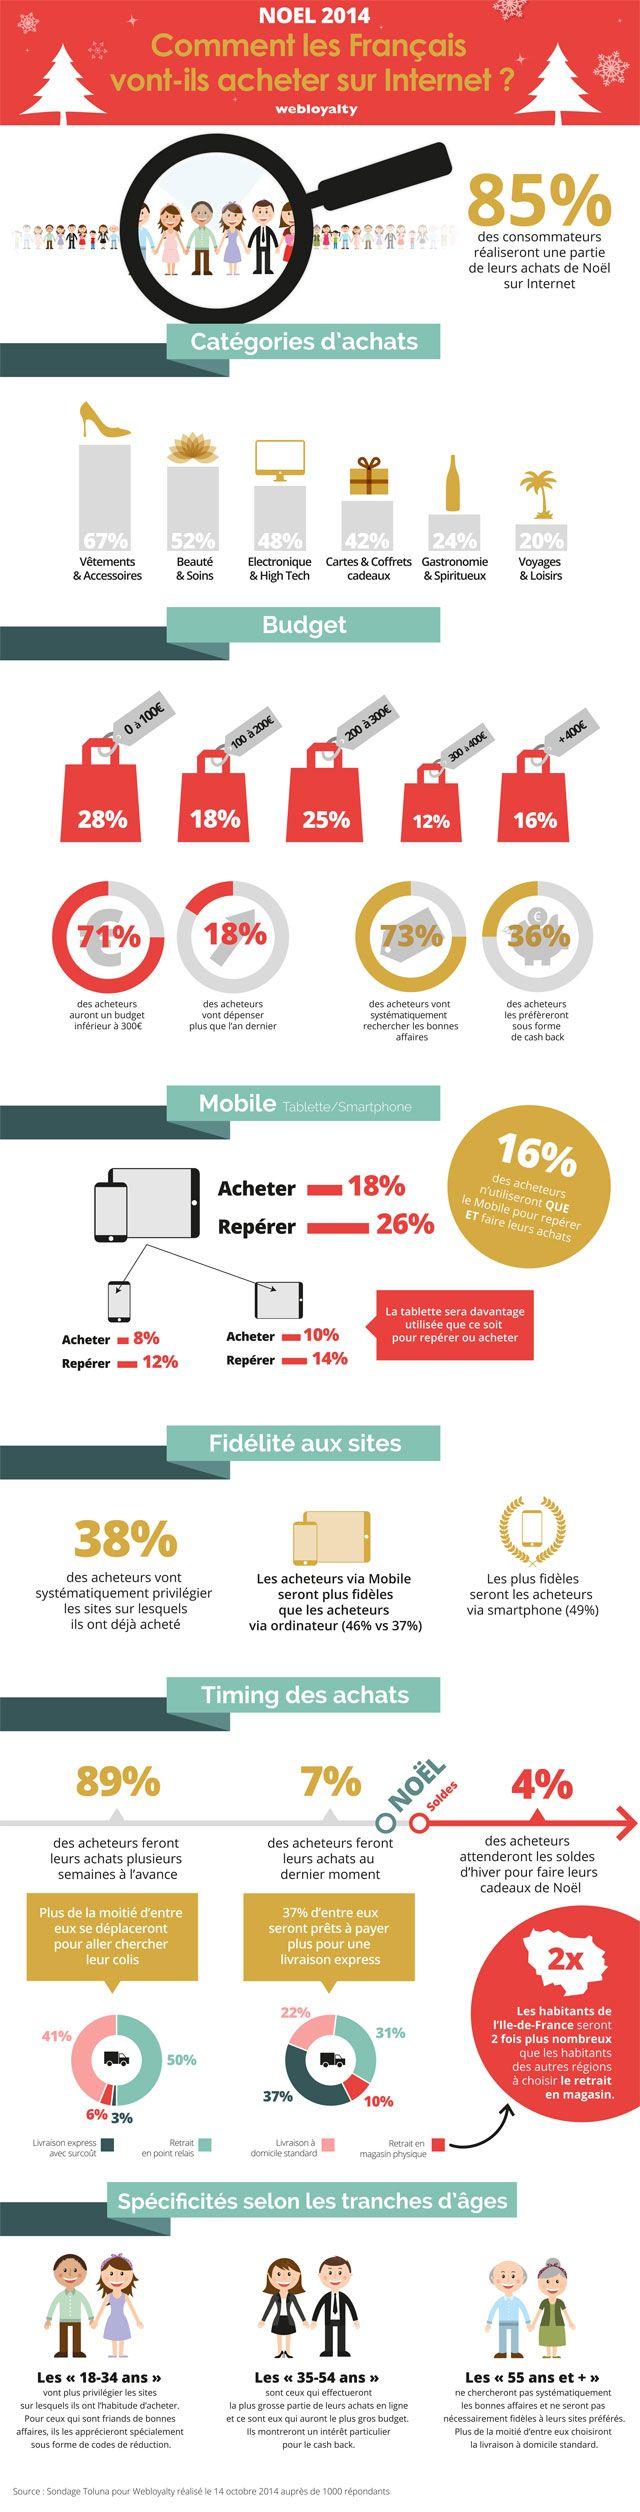 infographie-achats-noel 2014 par WEBLOYALTY @WebloyaltyFR @webloyalty @webloyaltyes